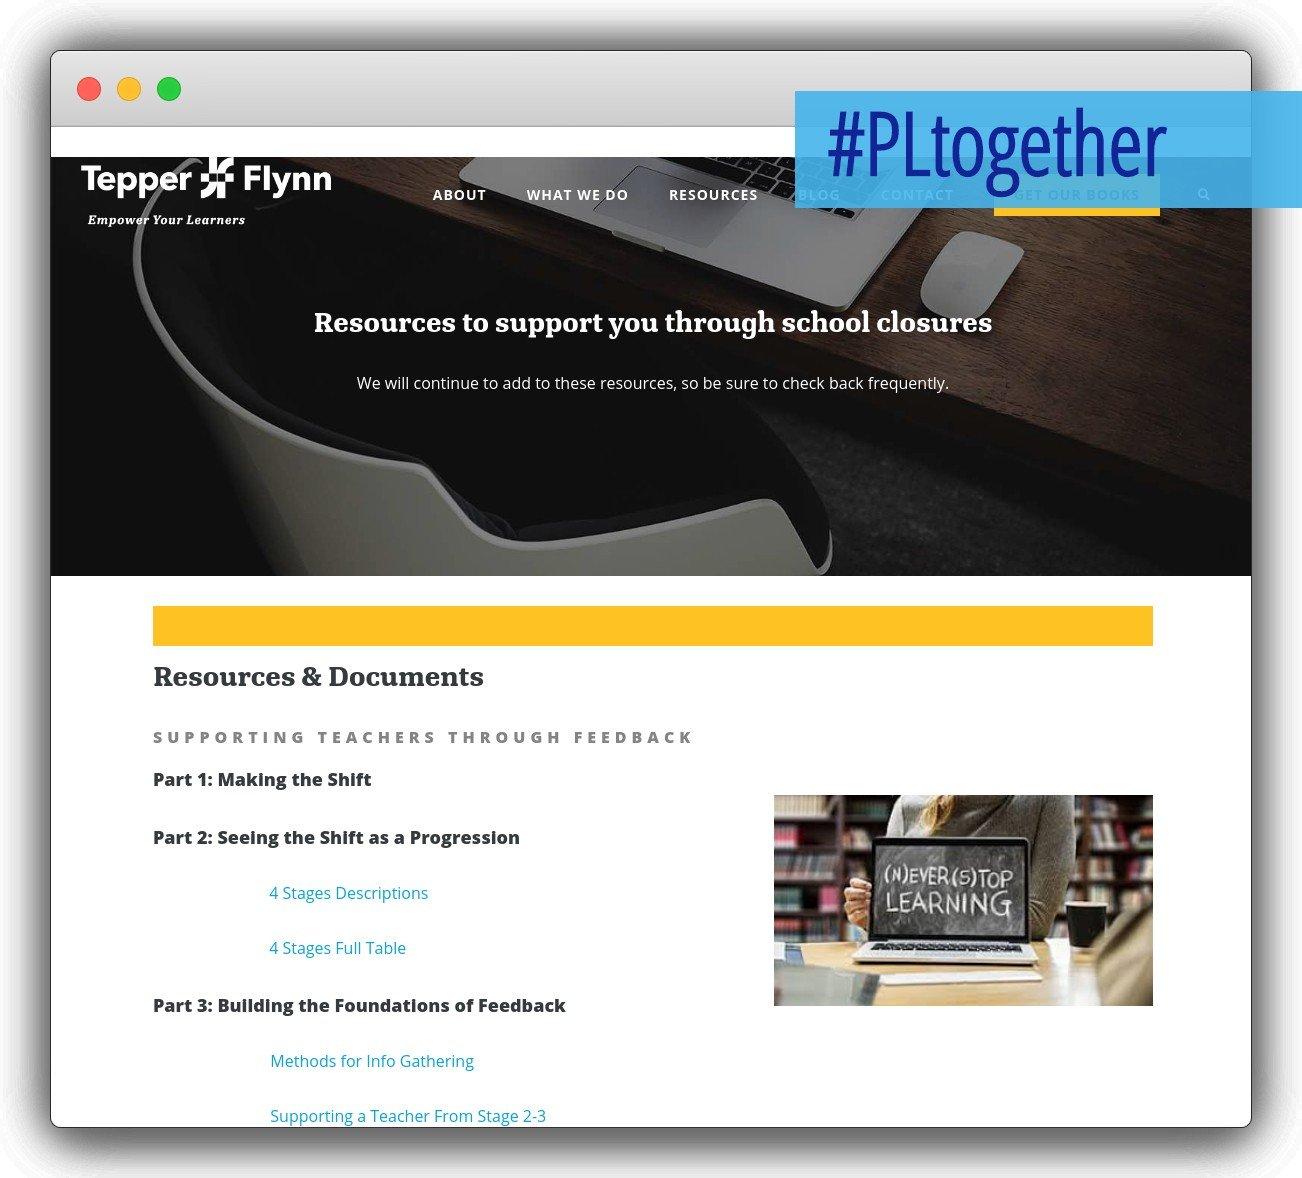 screenshot of tepper and flynn website